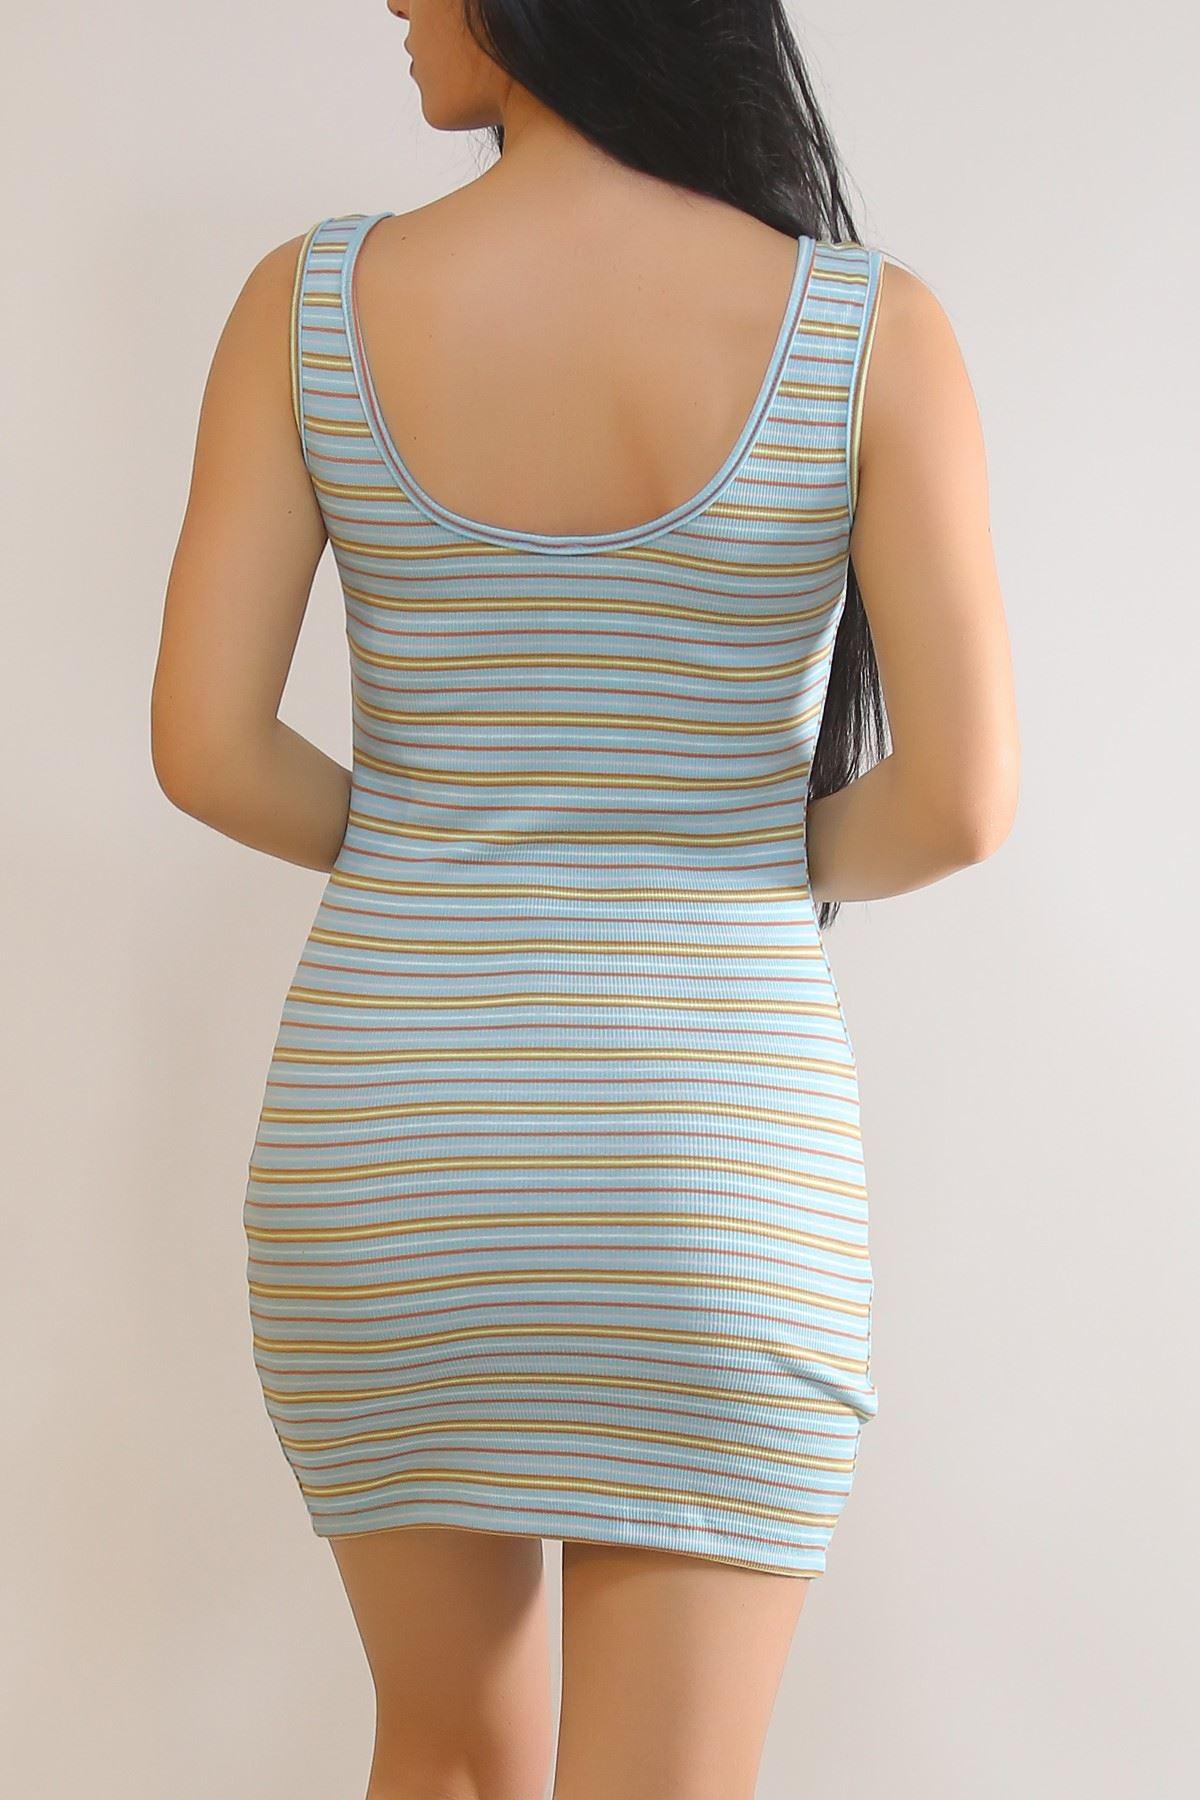 Kalın Askılı Elbise Açıkmavi - 5938.1092.